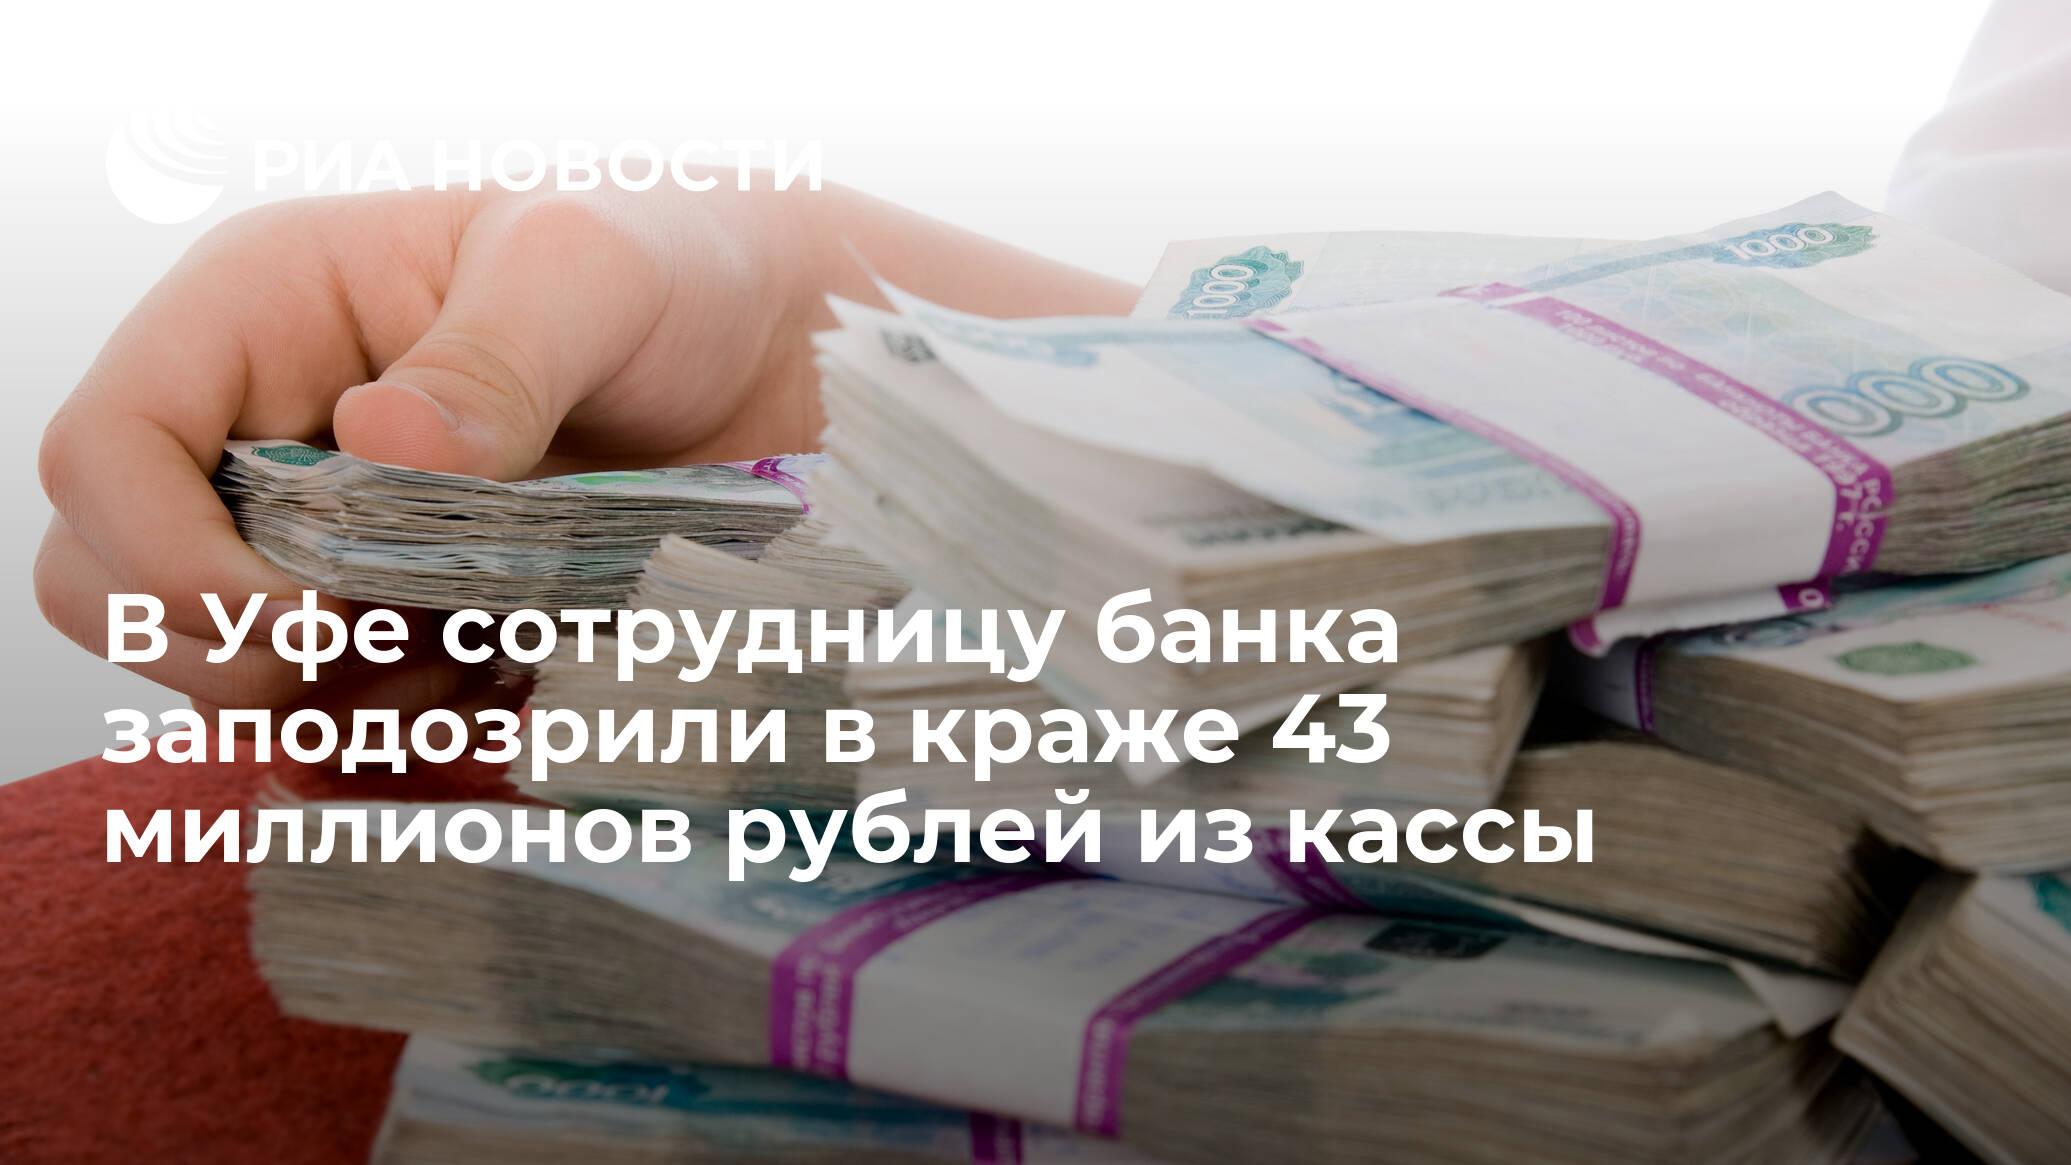 кожвендиспансер брянск официальный сайт детский